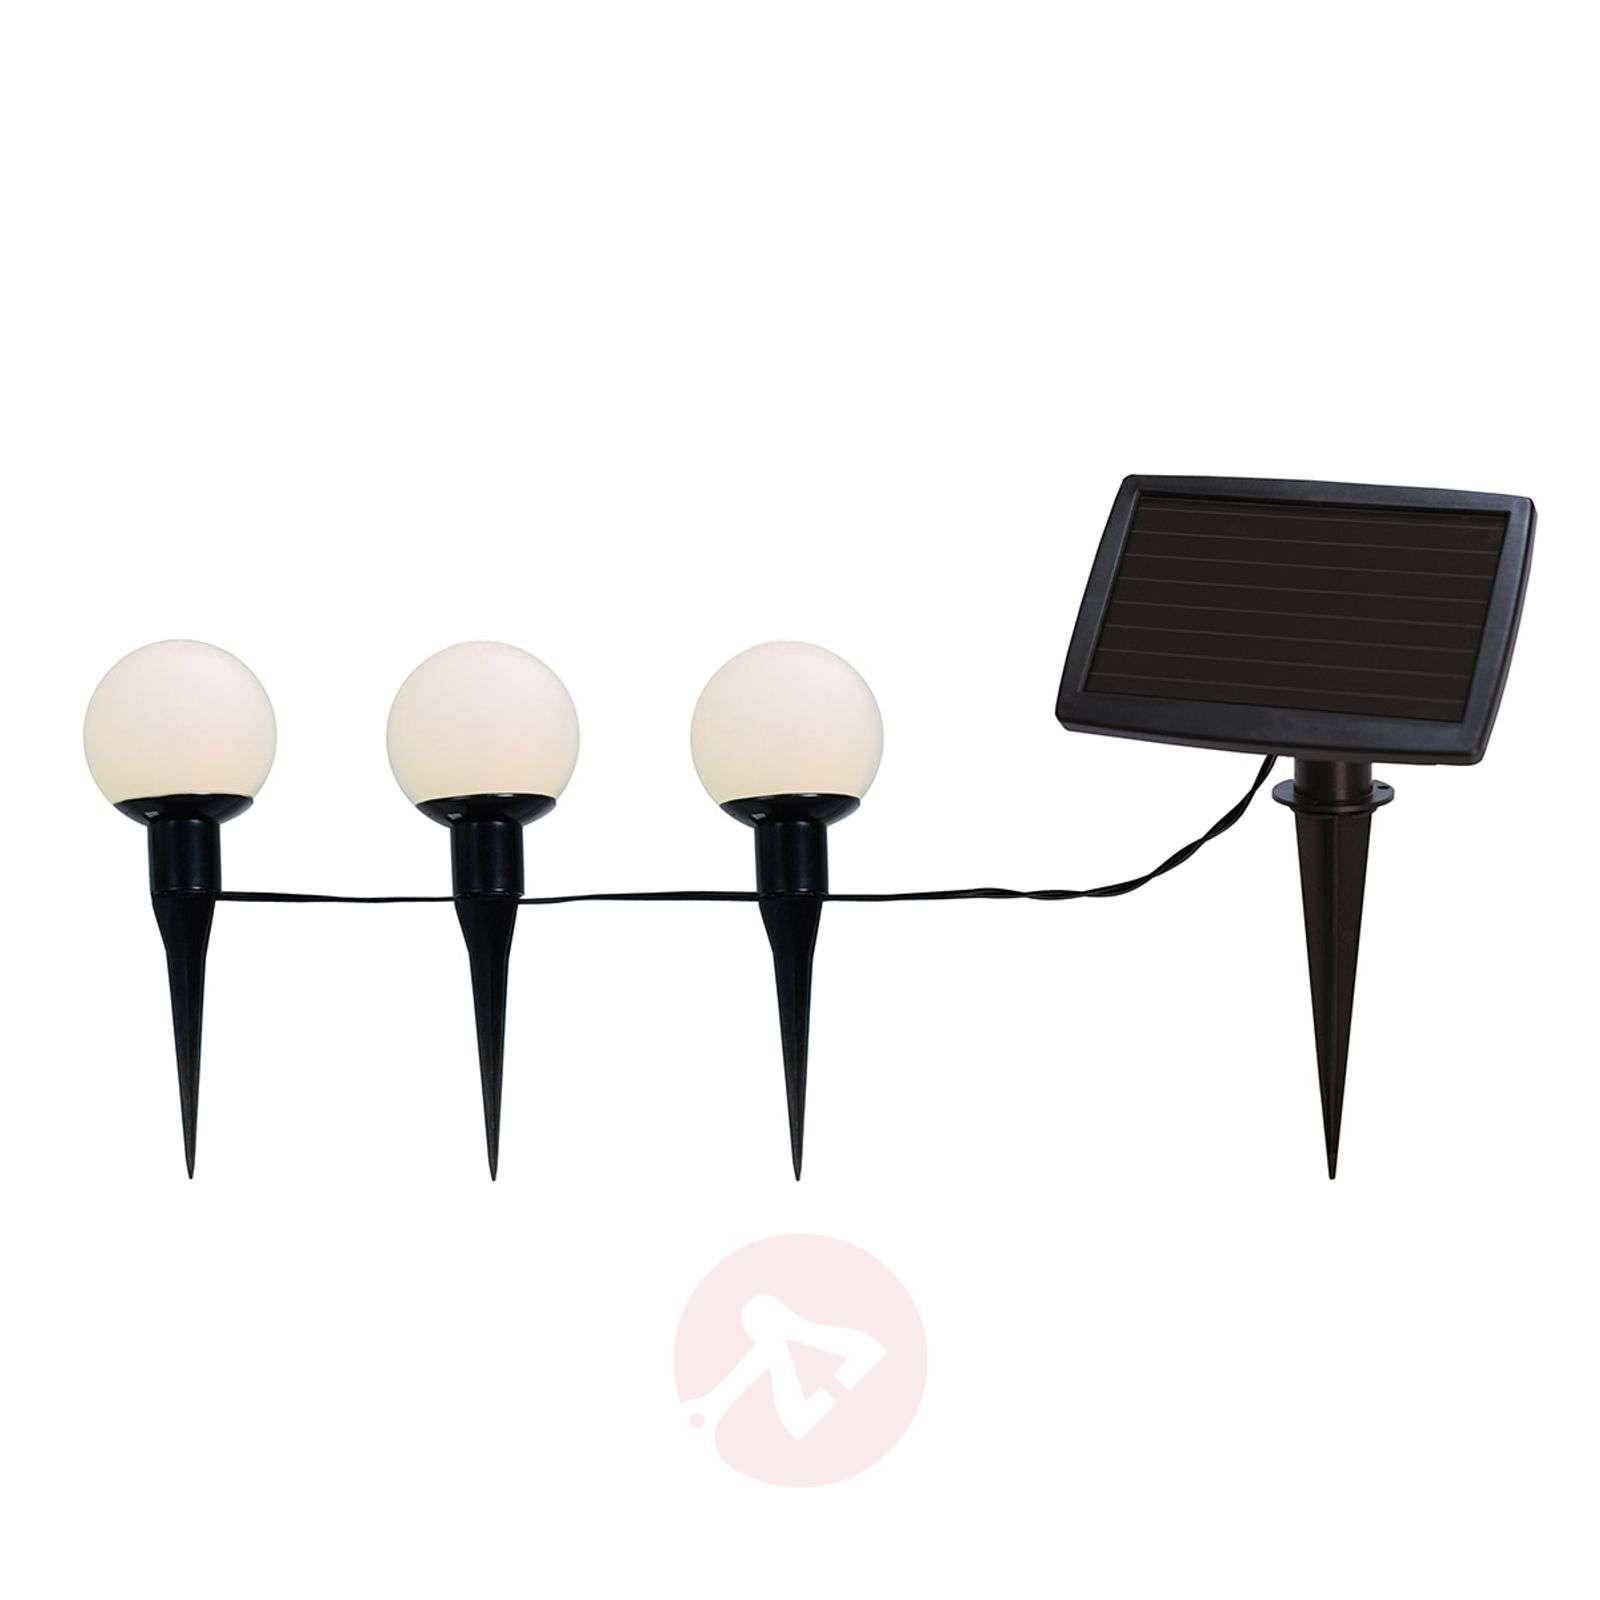 Aurinkokäyttöinen LED-valosarja, 6 pallon kombo-1522659-09